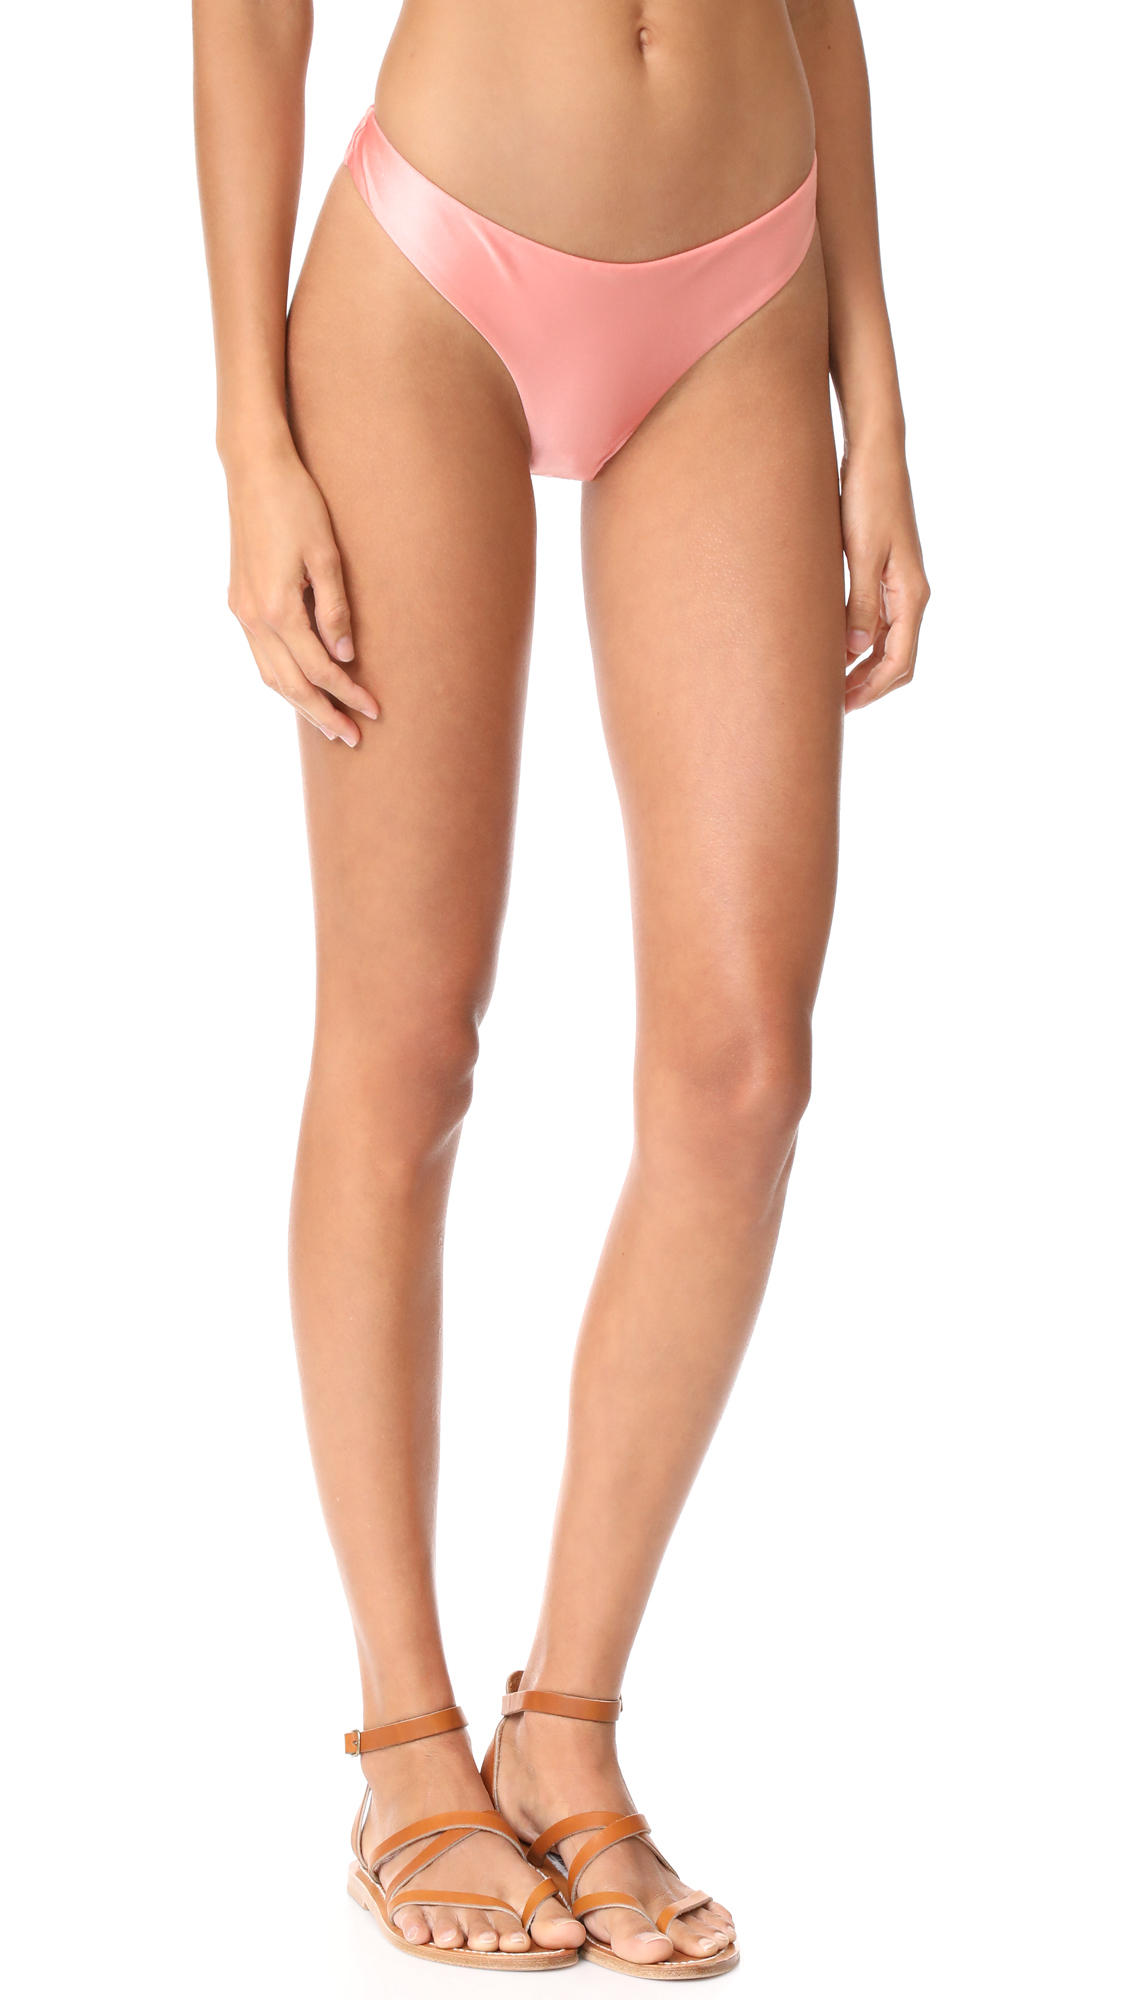 Zimmermann Separates Brazilian Bikini Bottoms - Ballet